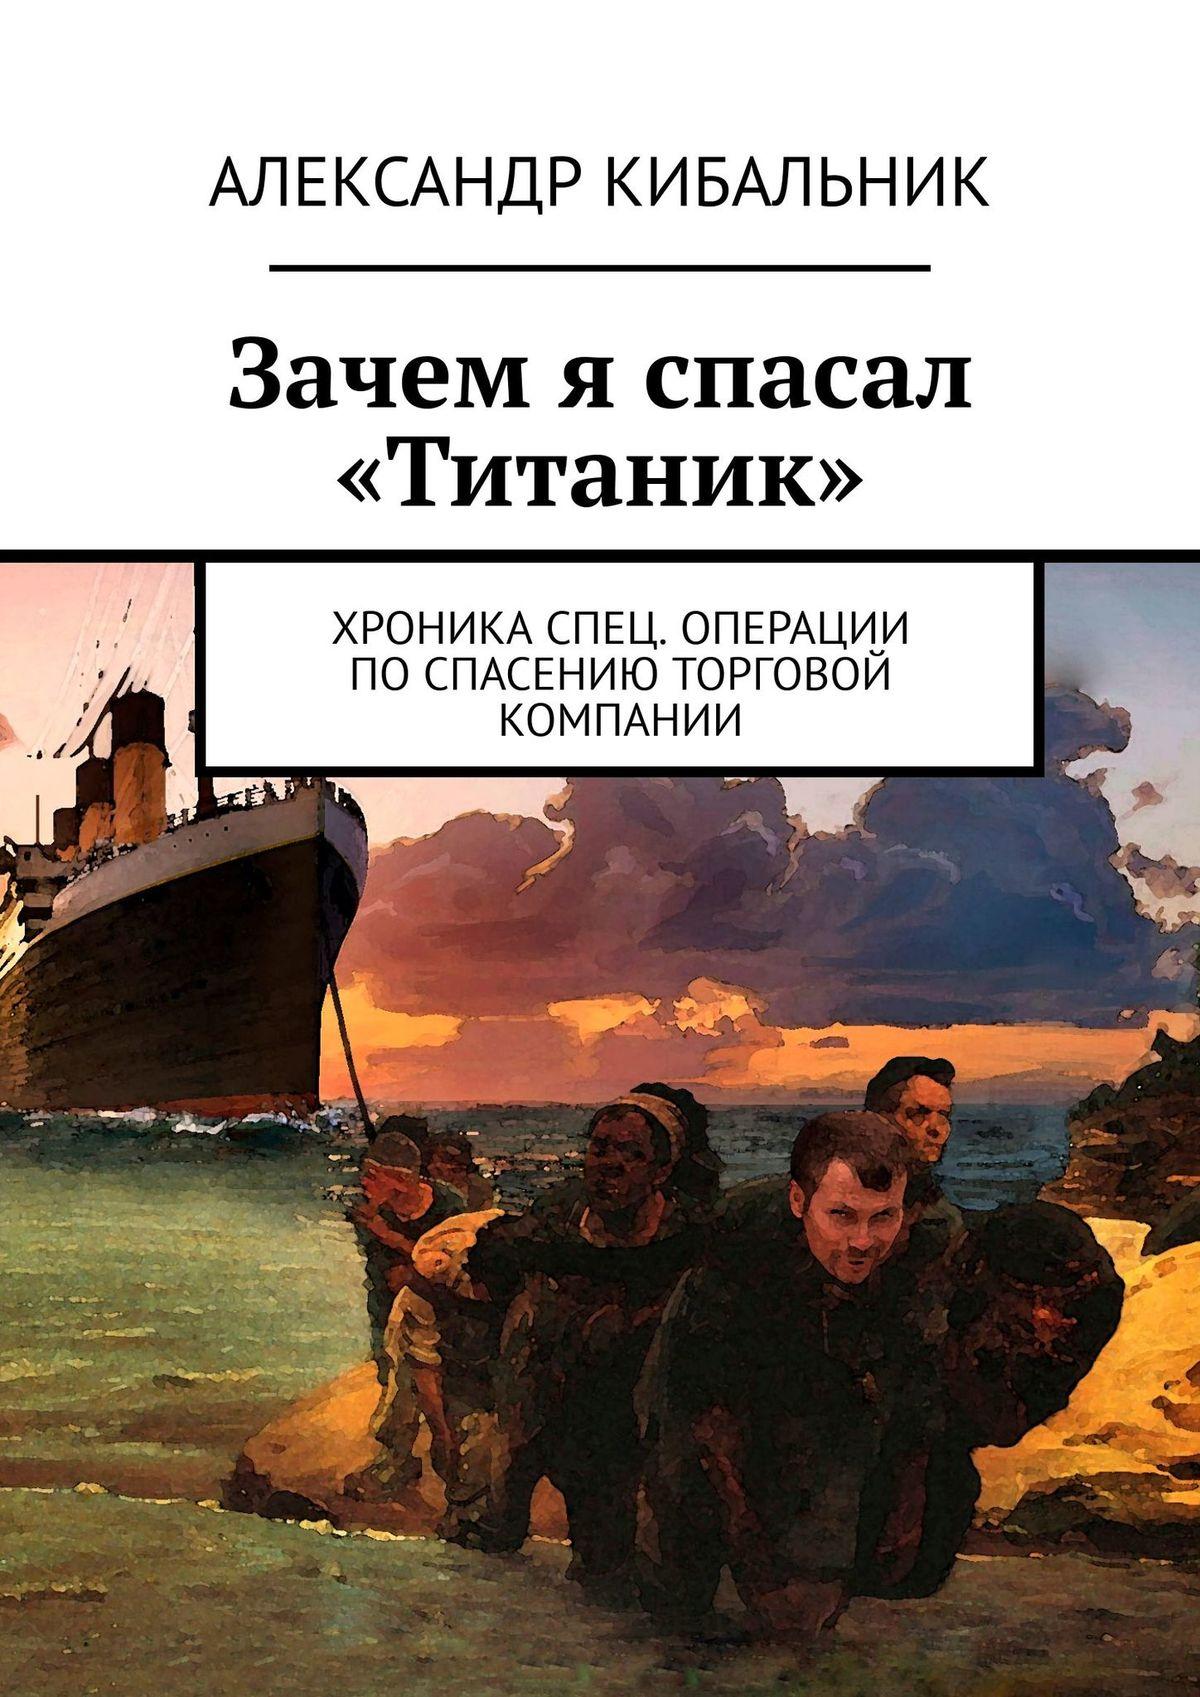 Зачем я спасал «Титаник». Хроника спец. операции поспасению торговой компании